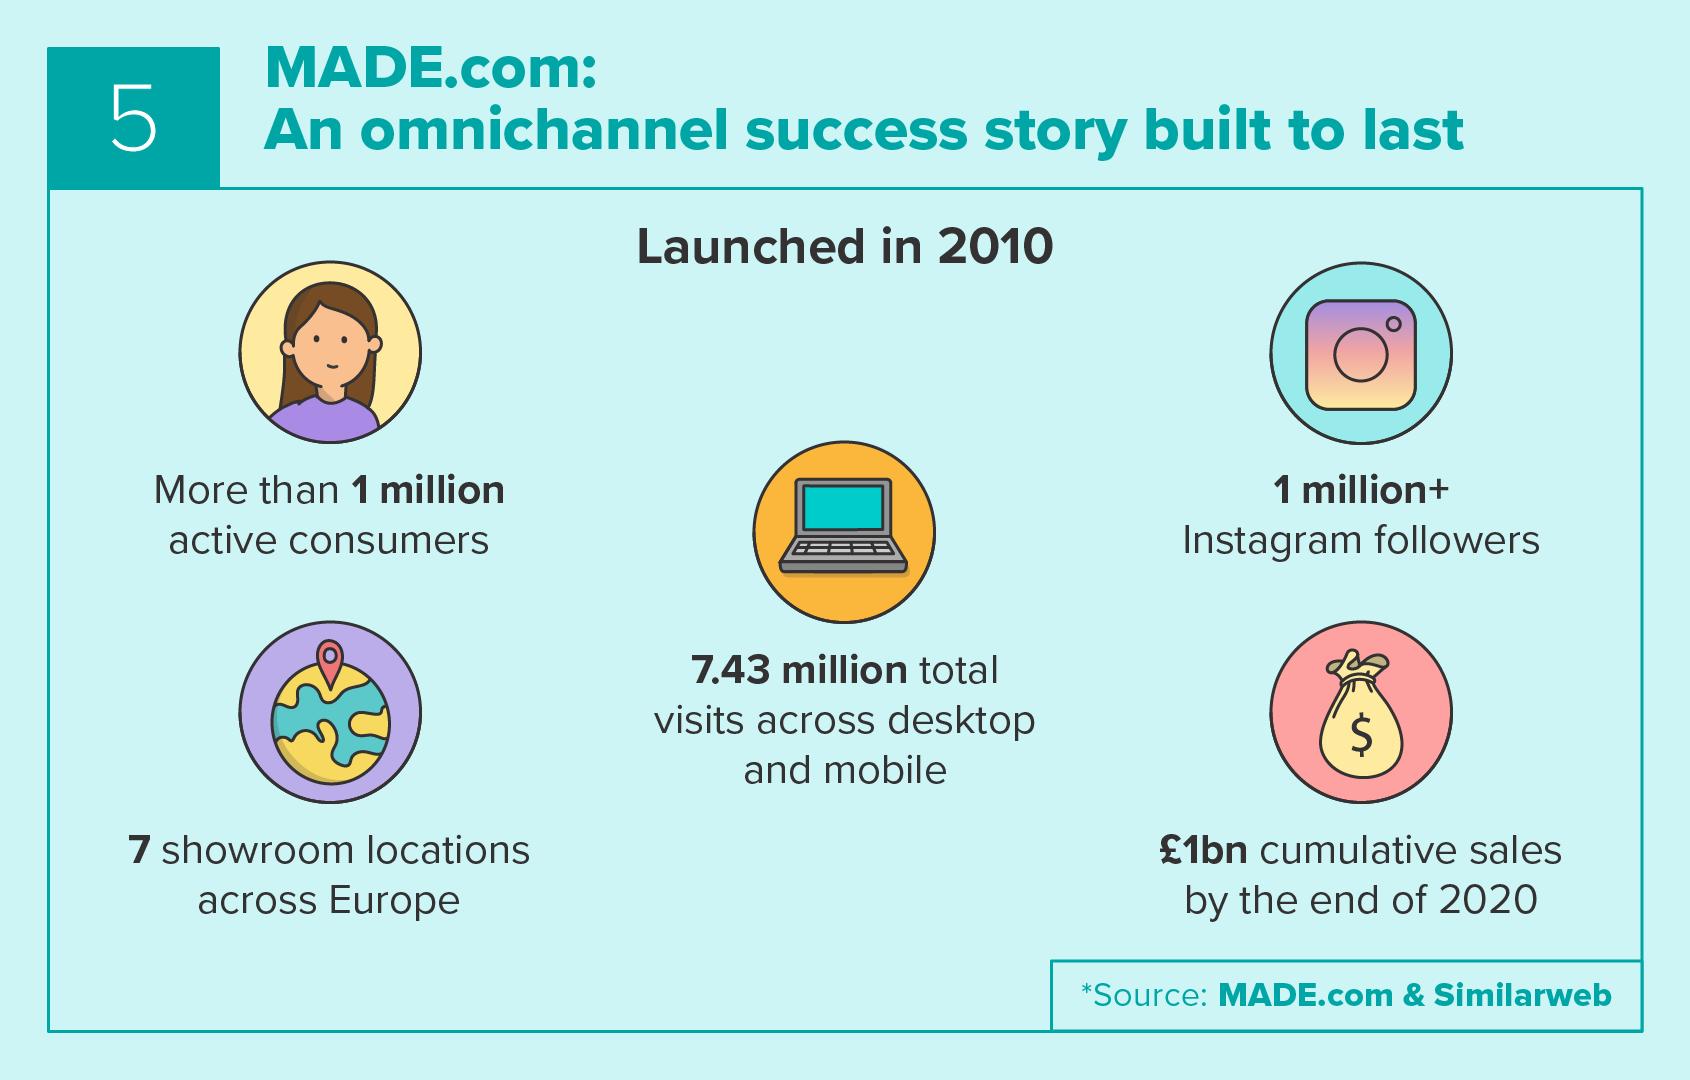 MADE.com's story